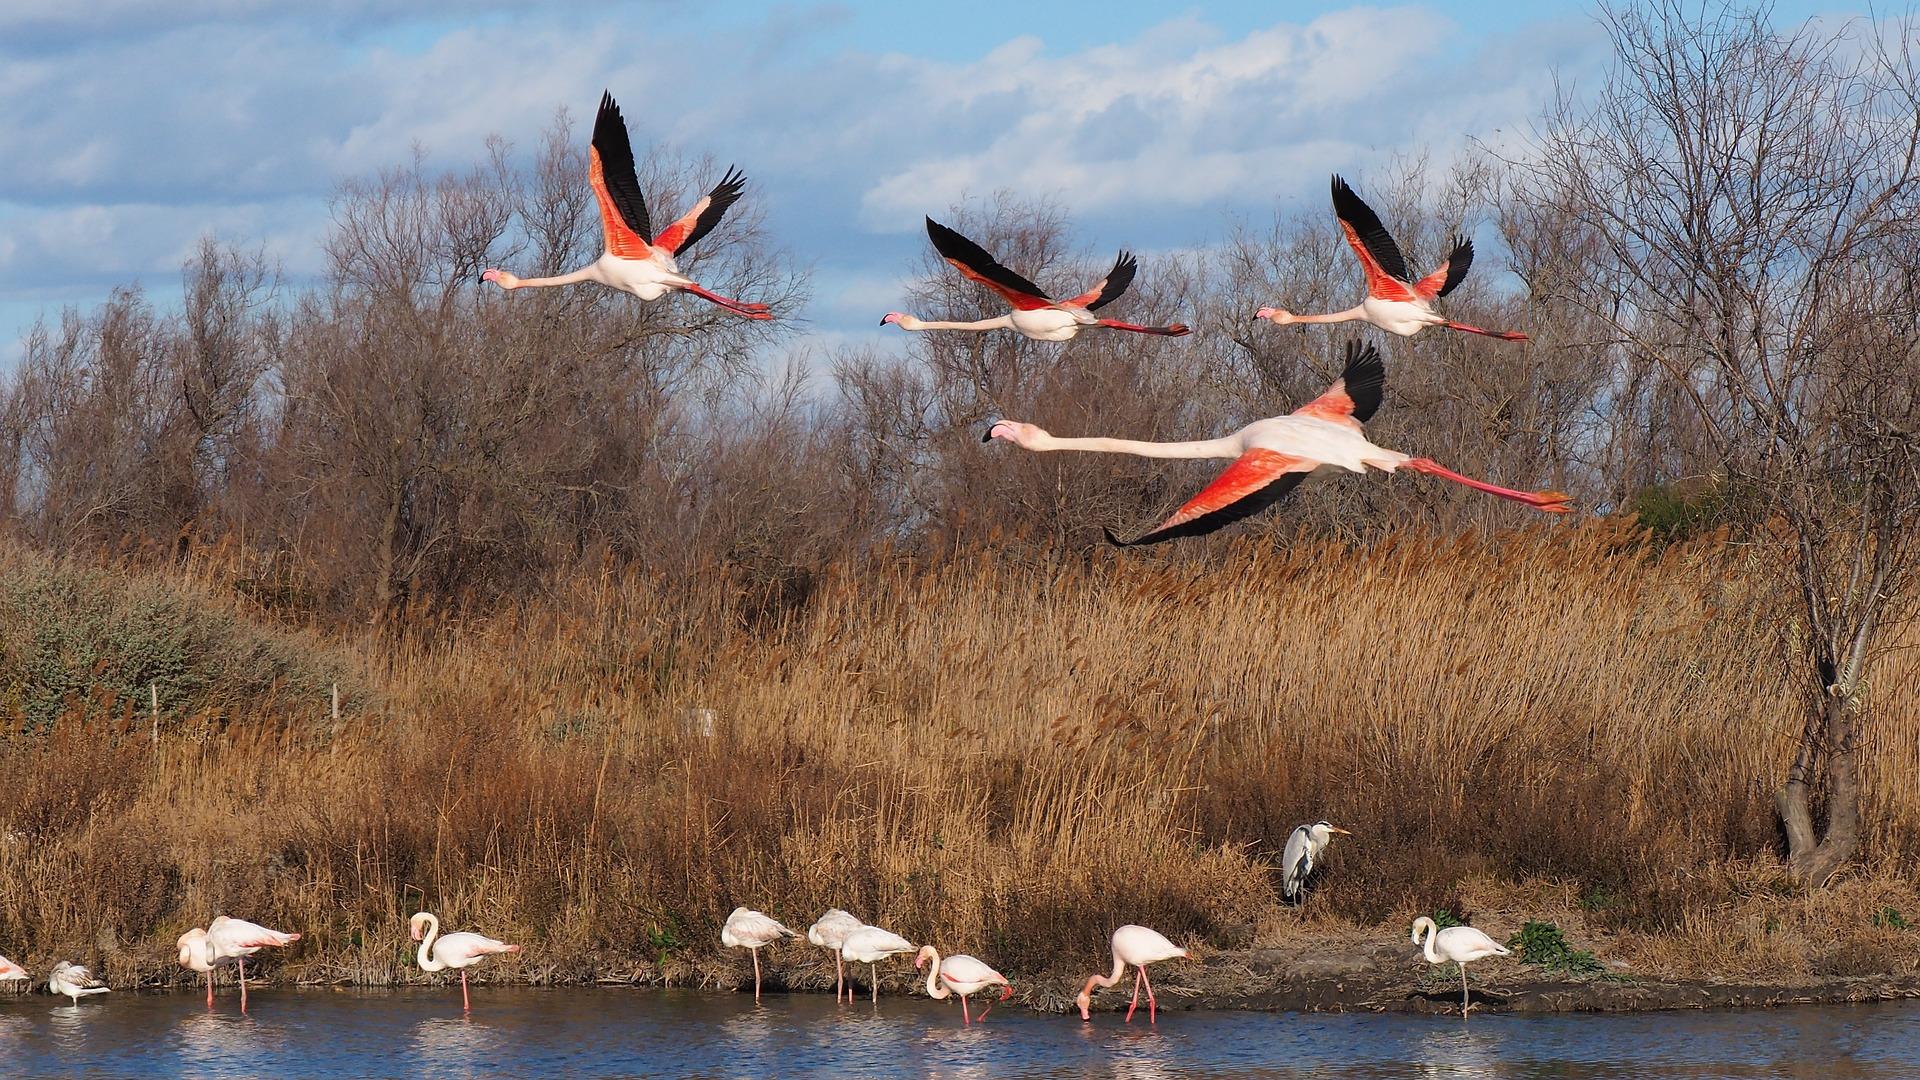 flamingo - where do flamingos live